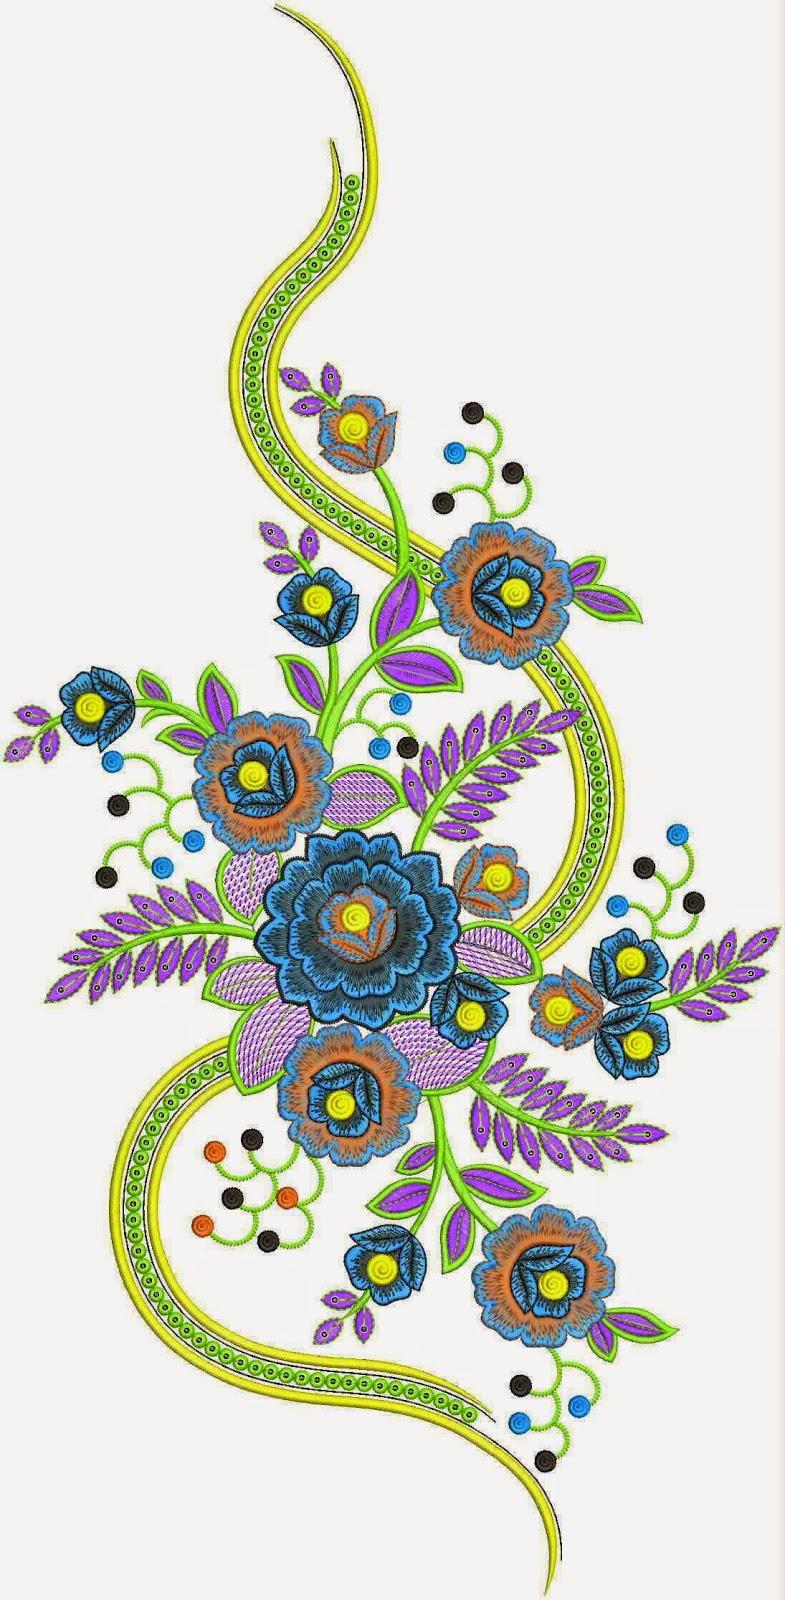 Natuurlike groot blom ontwerp appliekwerk